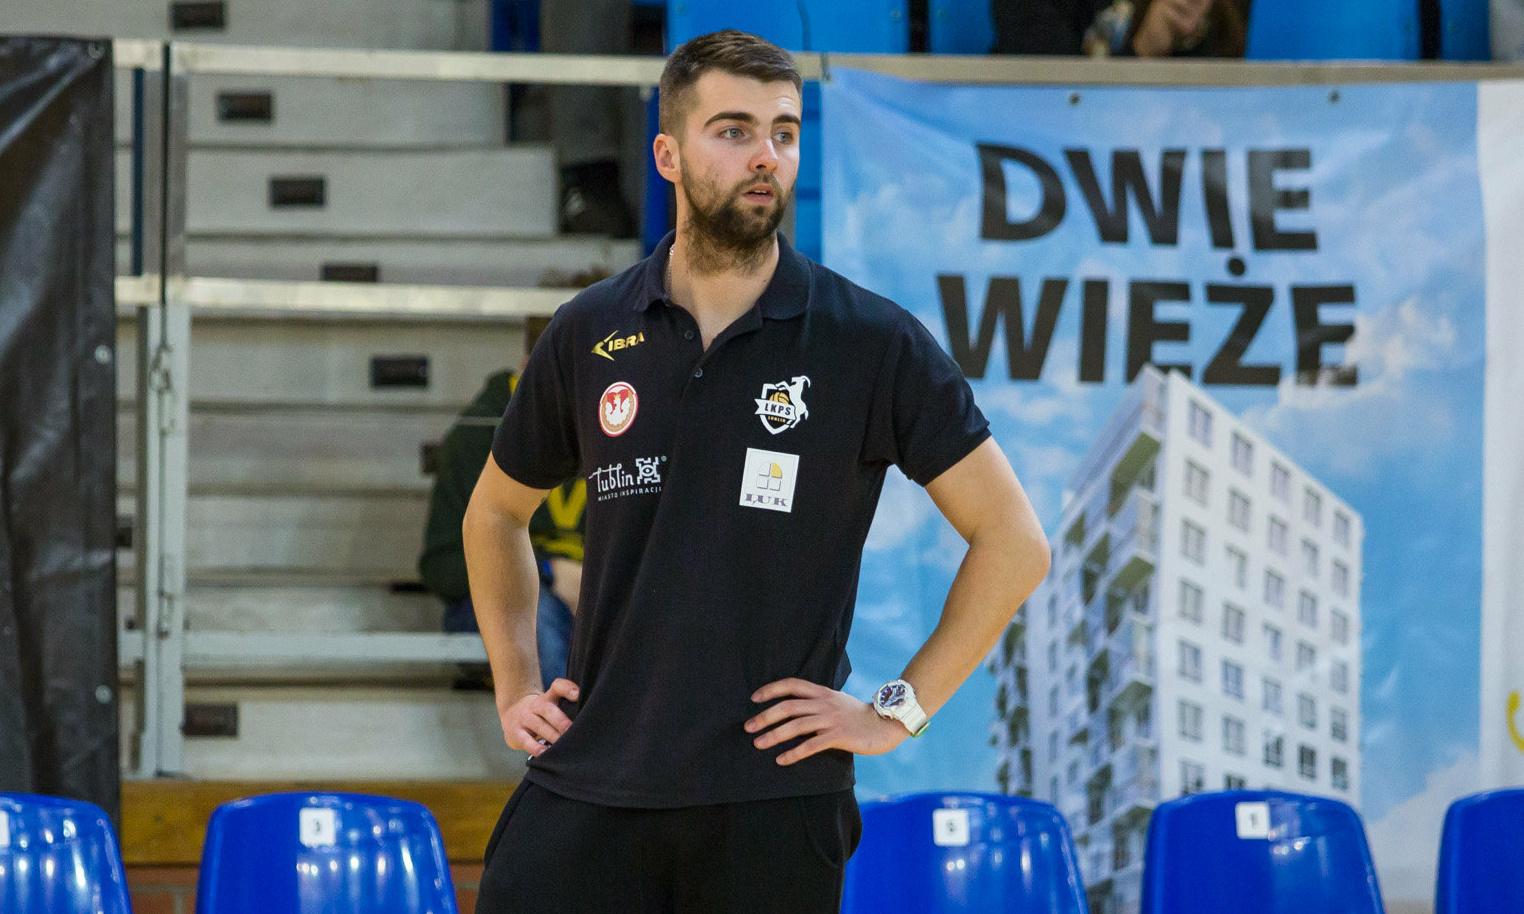 Maciej Kołodziejczyk pozostaje drugim trenerem LUK Politechniki Lublin